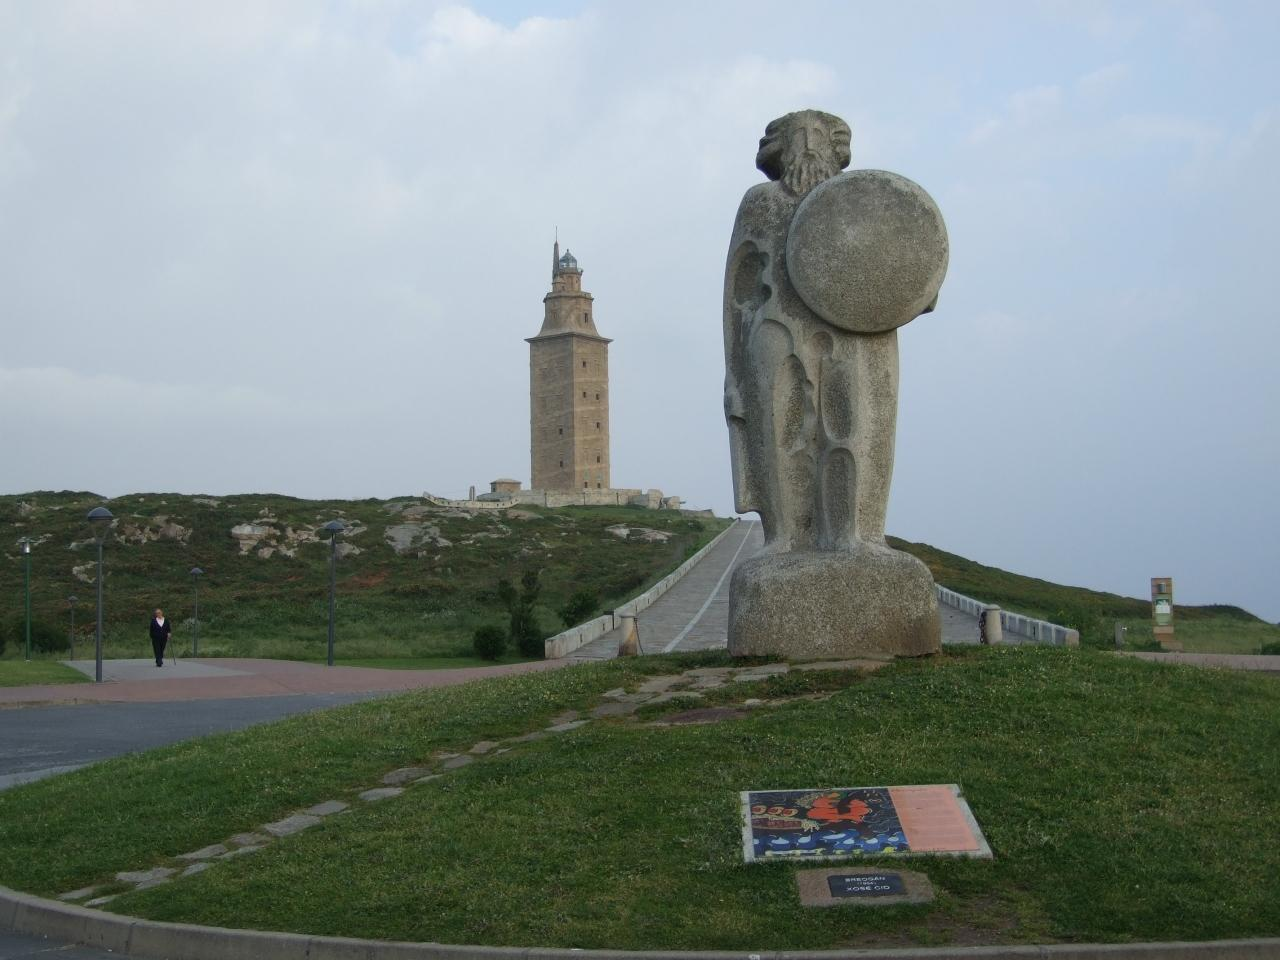 ヘラクレスの塔の画像 p1_27